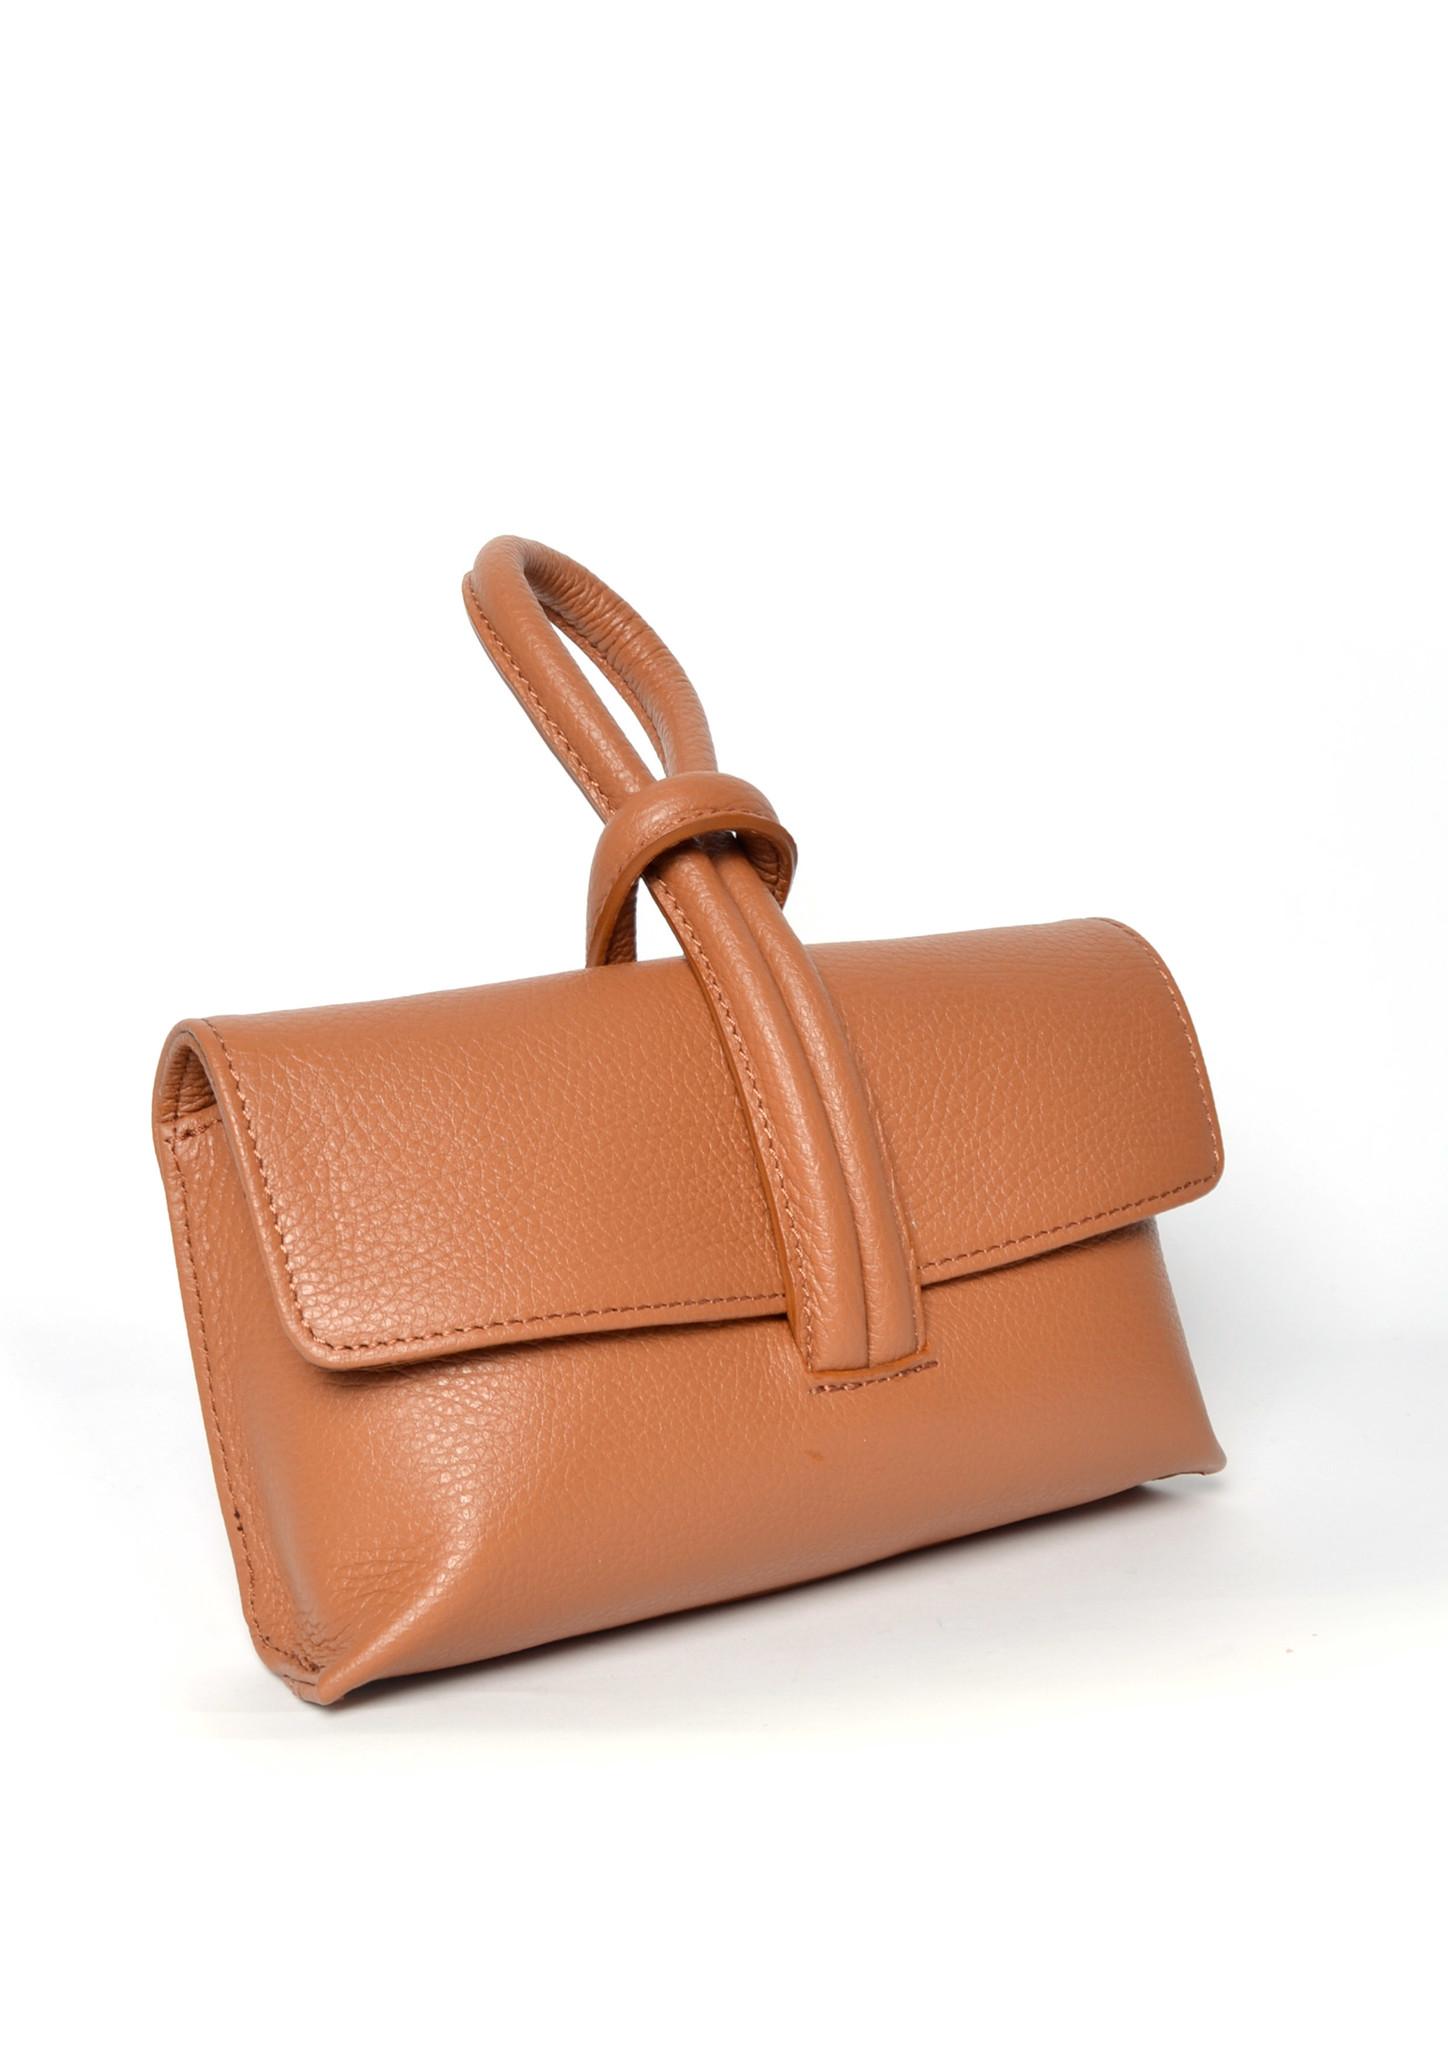 Leren Schoudertas Sandy camel cognac schoudertassen look a like tassen trendy musthave fashion tas giuliano kopen bestellen side